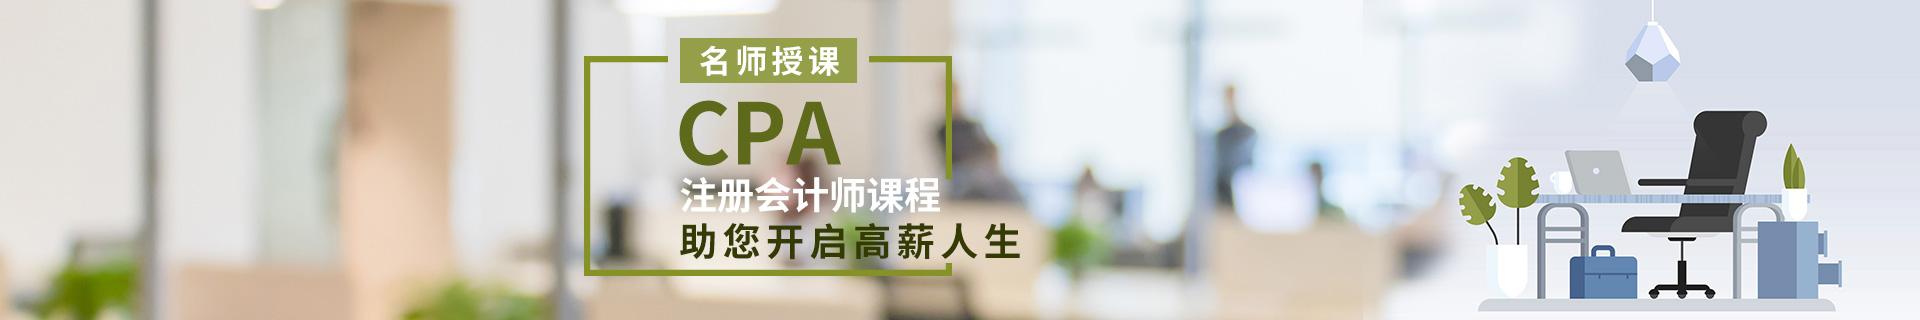 武汉武昌徐东仁和会计培训机构